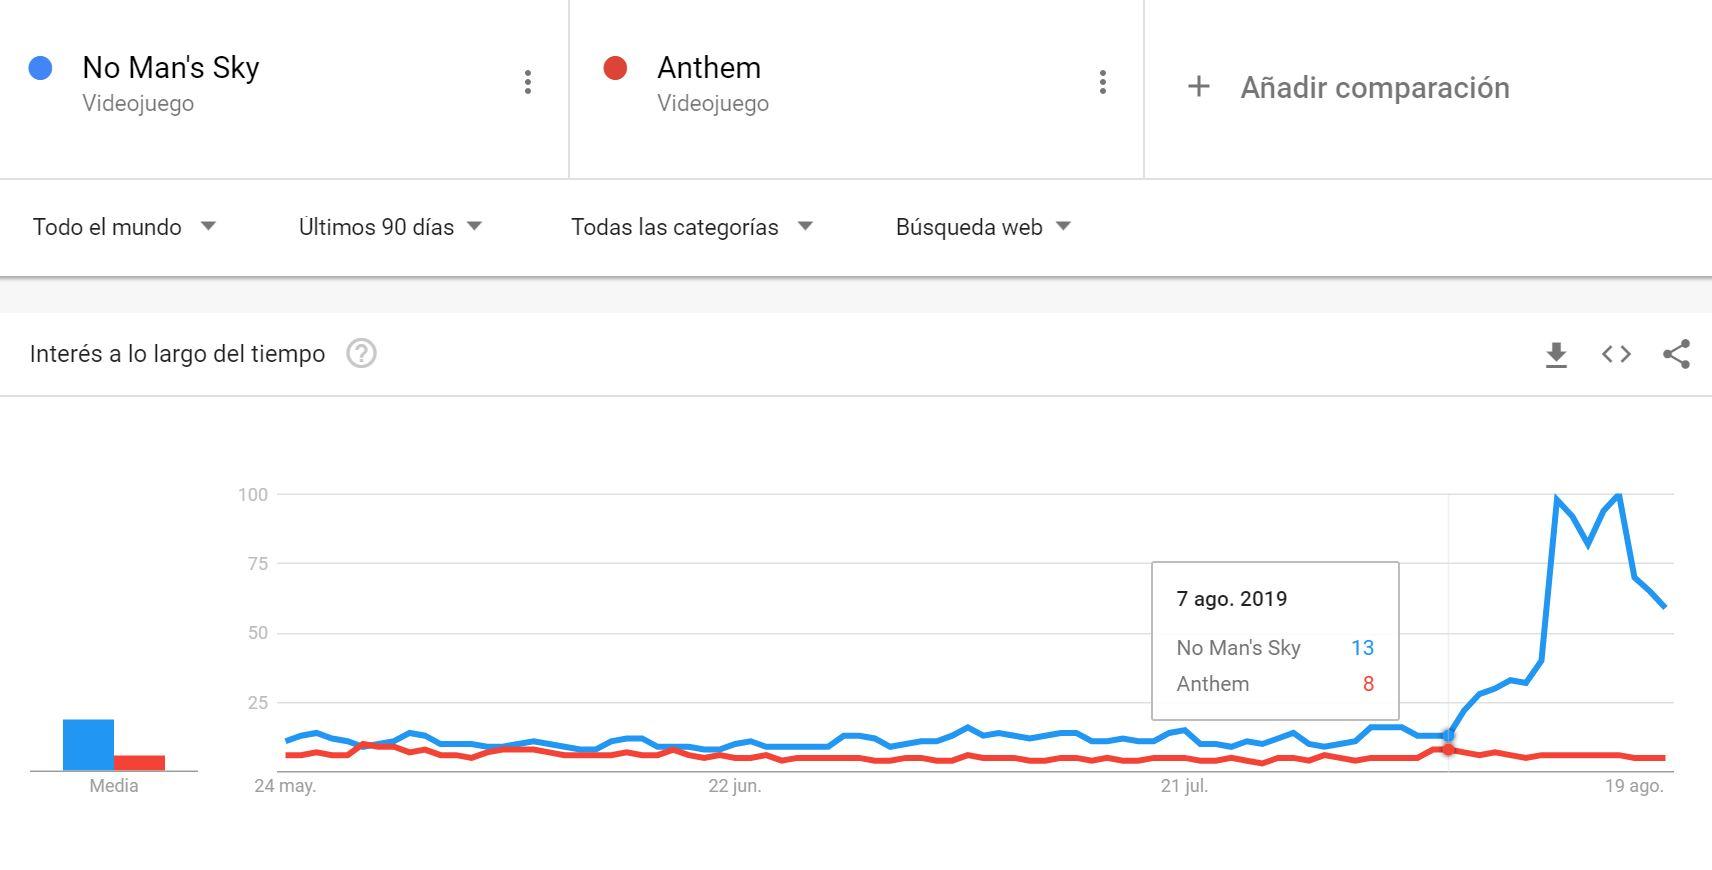 No Mans Sky vuelve a las listas gracias a su última expansión, Anthem no